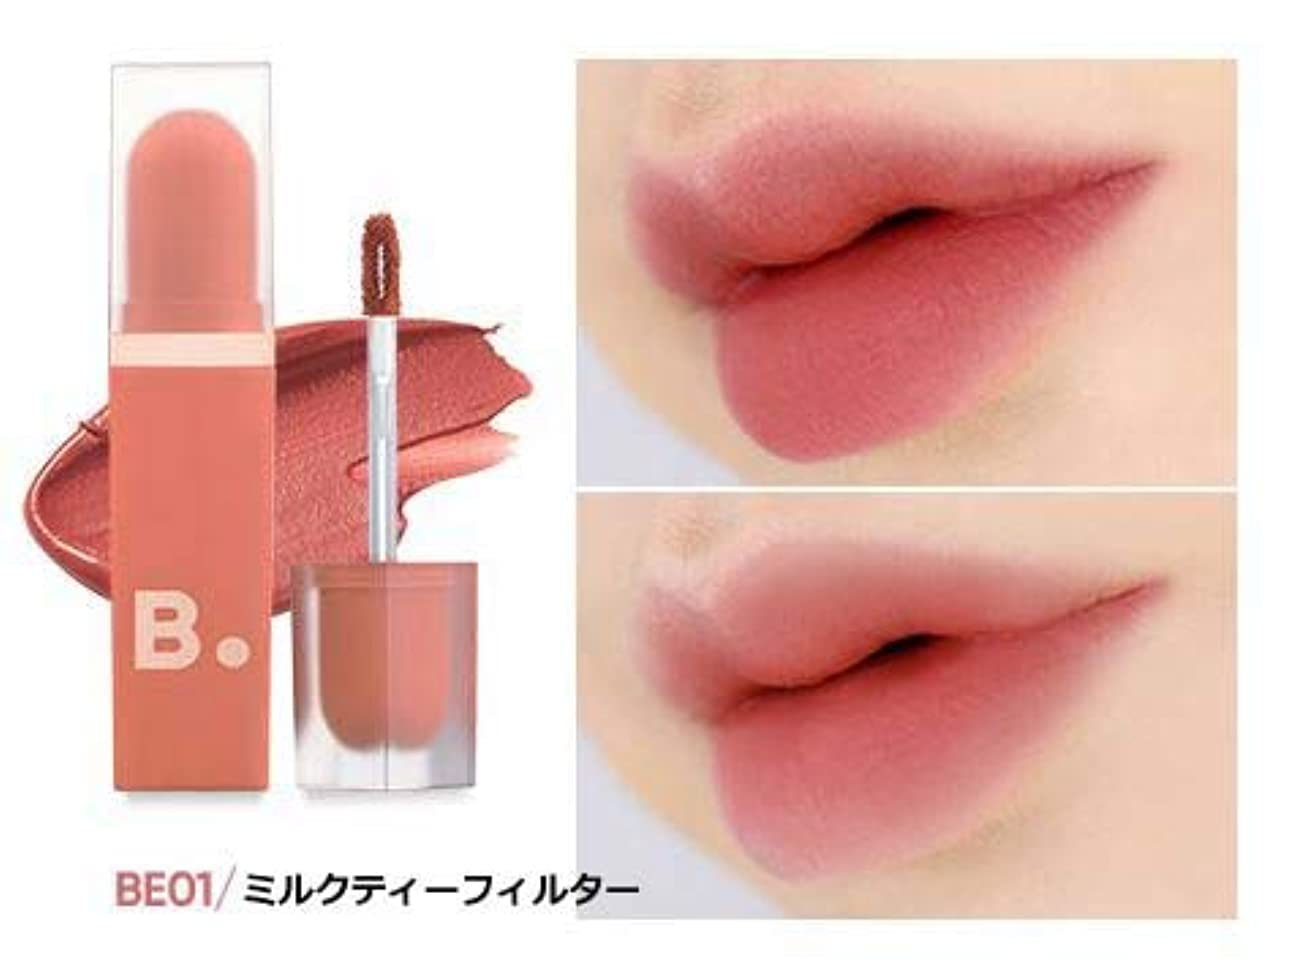 全員スリップウミウシ[BANILA CO] Velvet Blurred Lip / [バニラコ] ベルベットブラッドリップ (# BE01ミルクティーフィルター) [並行輸入品]